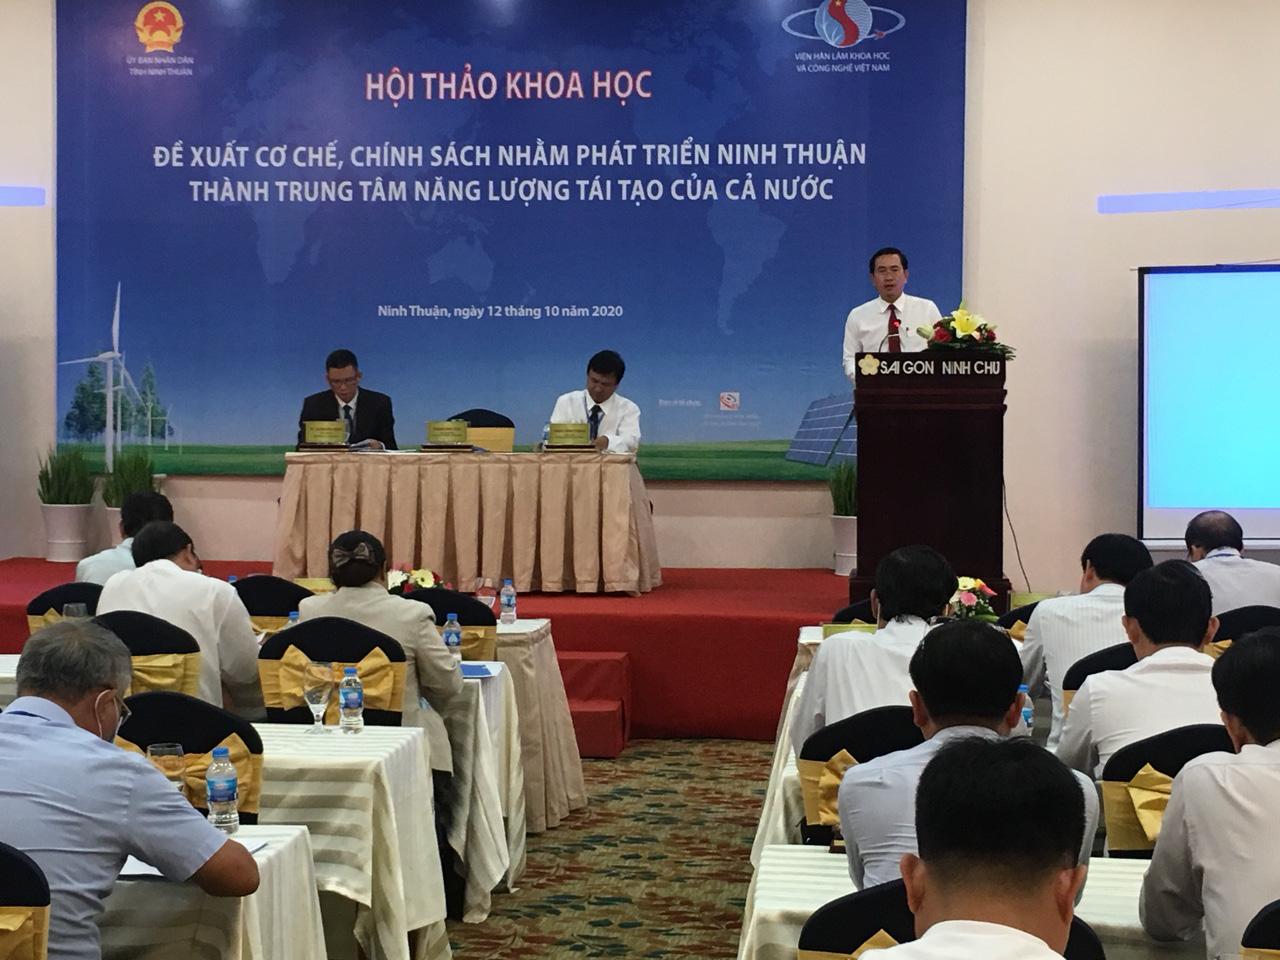 Ninh Thuận  sẽ thành trung tâm năng lượng tái tạo của cả nước - Ảnh 2.